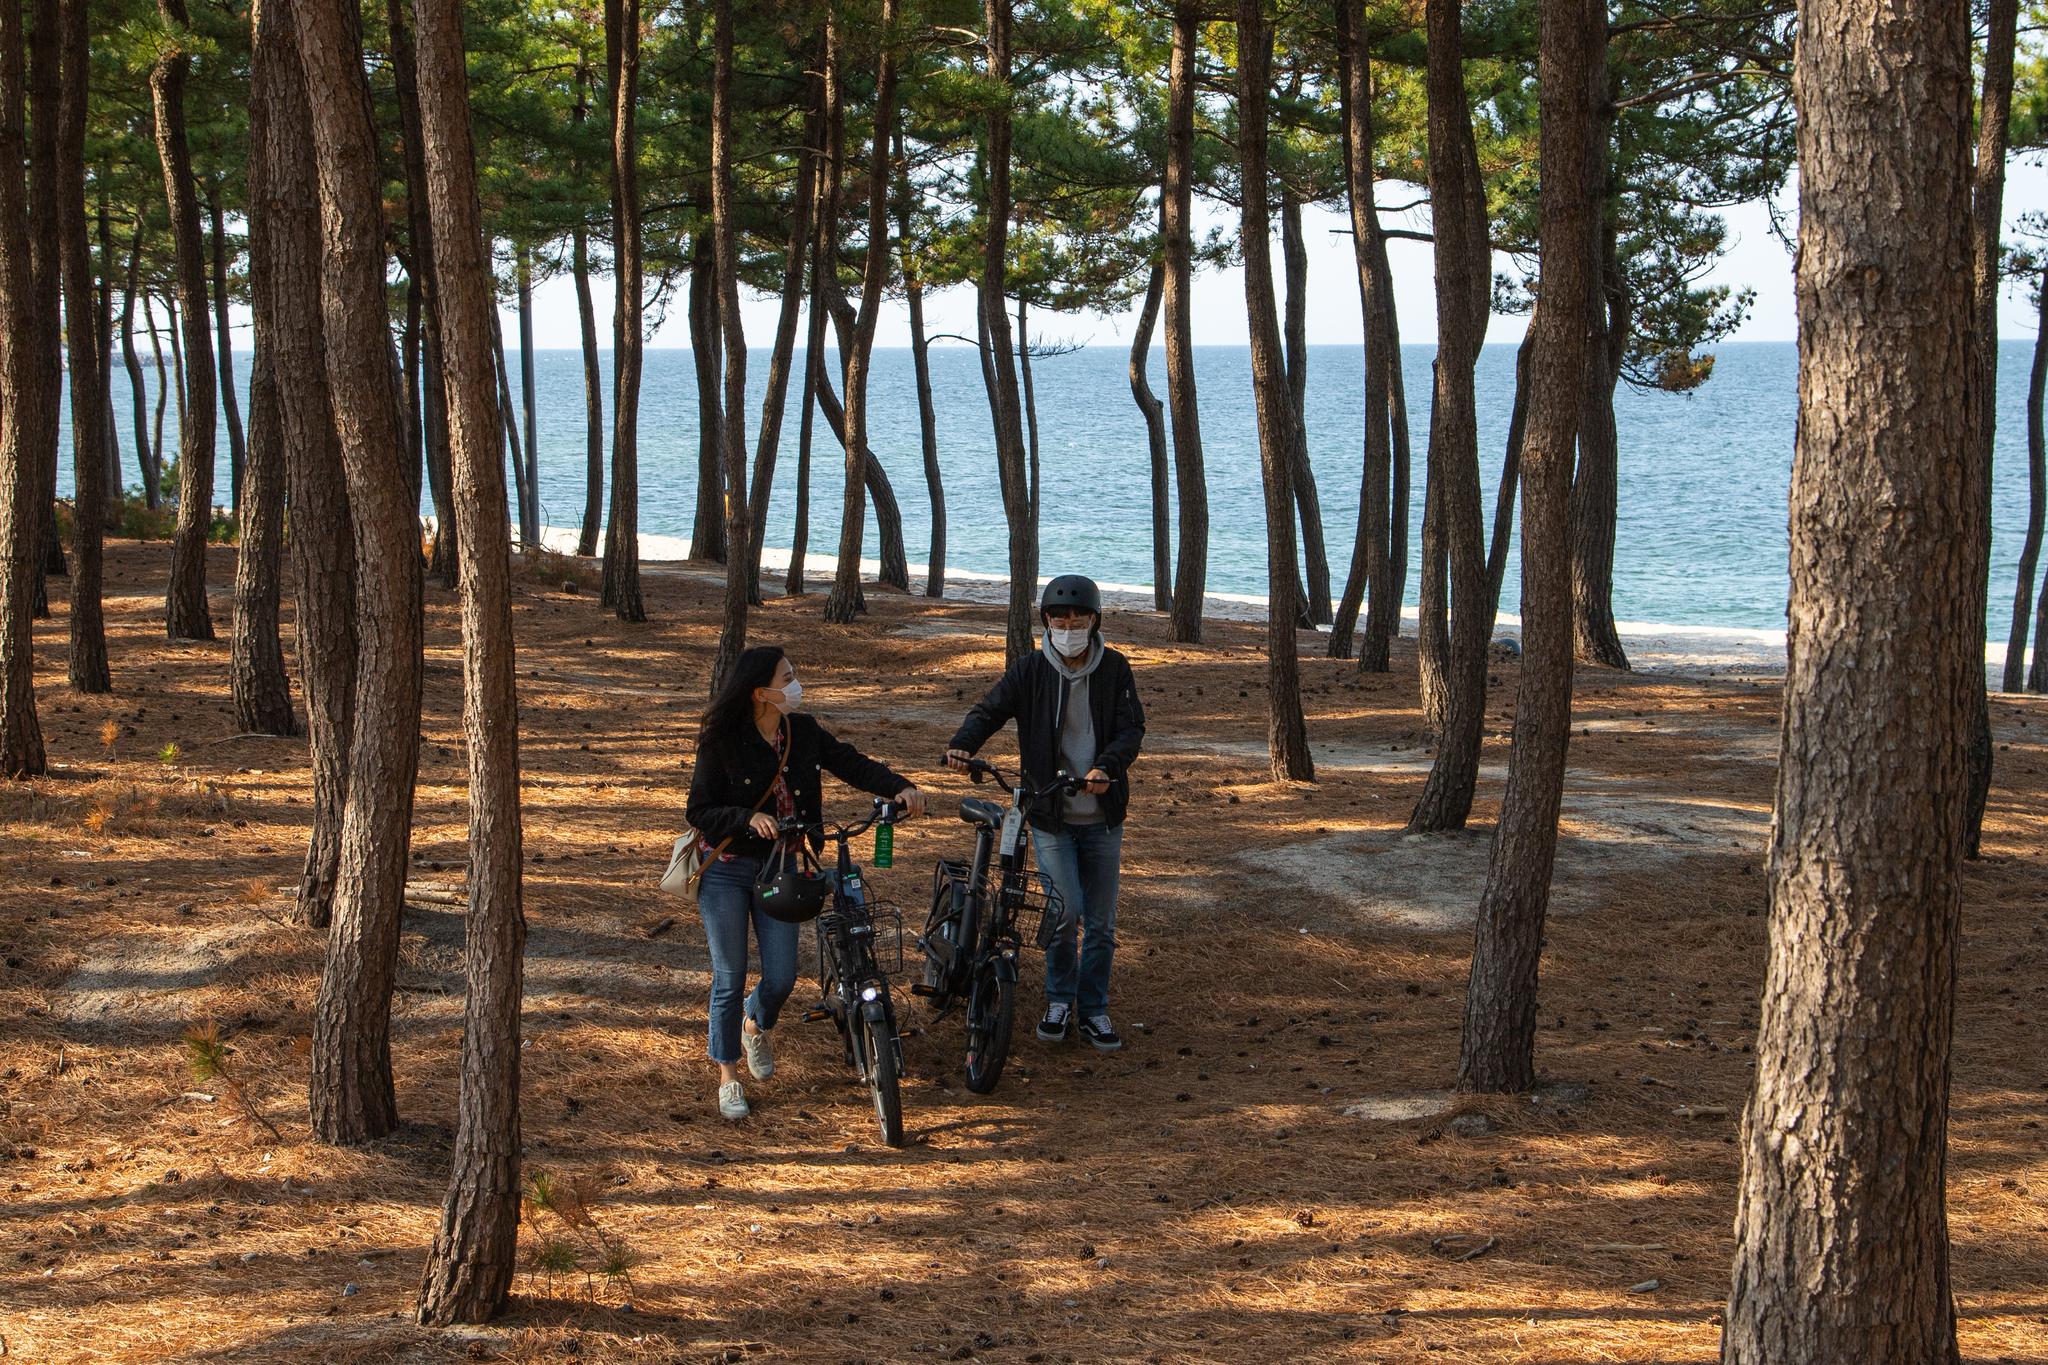 강릉 해변에서는 어디를 가나 바다 향기와 솔향이 넘실댄다. 5월 1일부터 강릉시 공공자전거를 타고 시내와 해변을 누빌 수 있다.